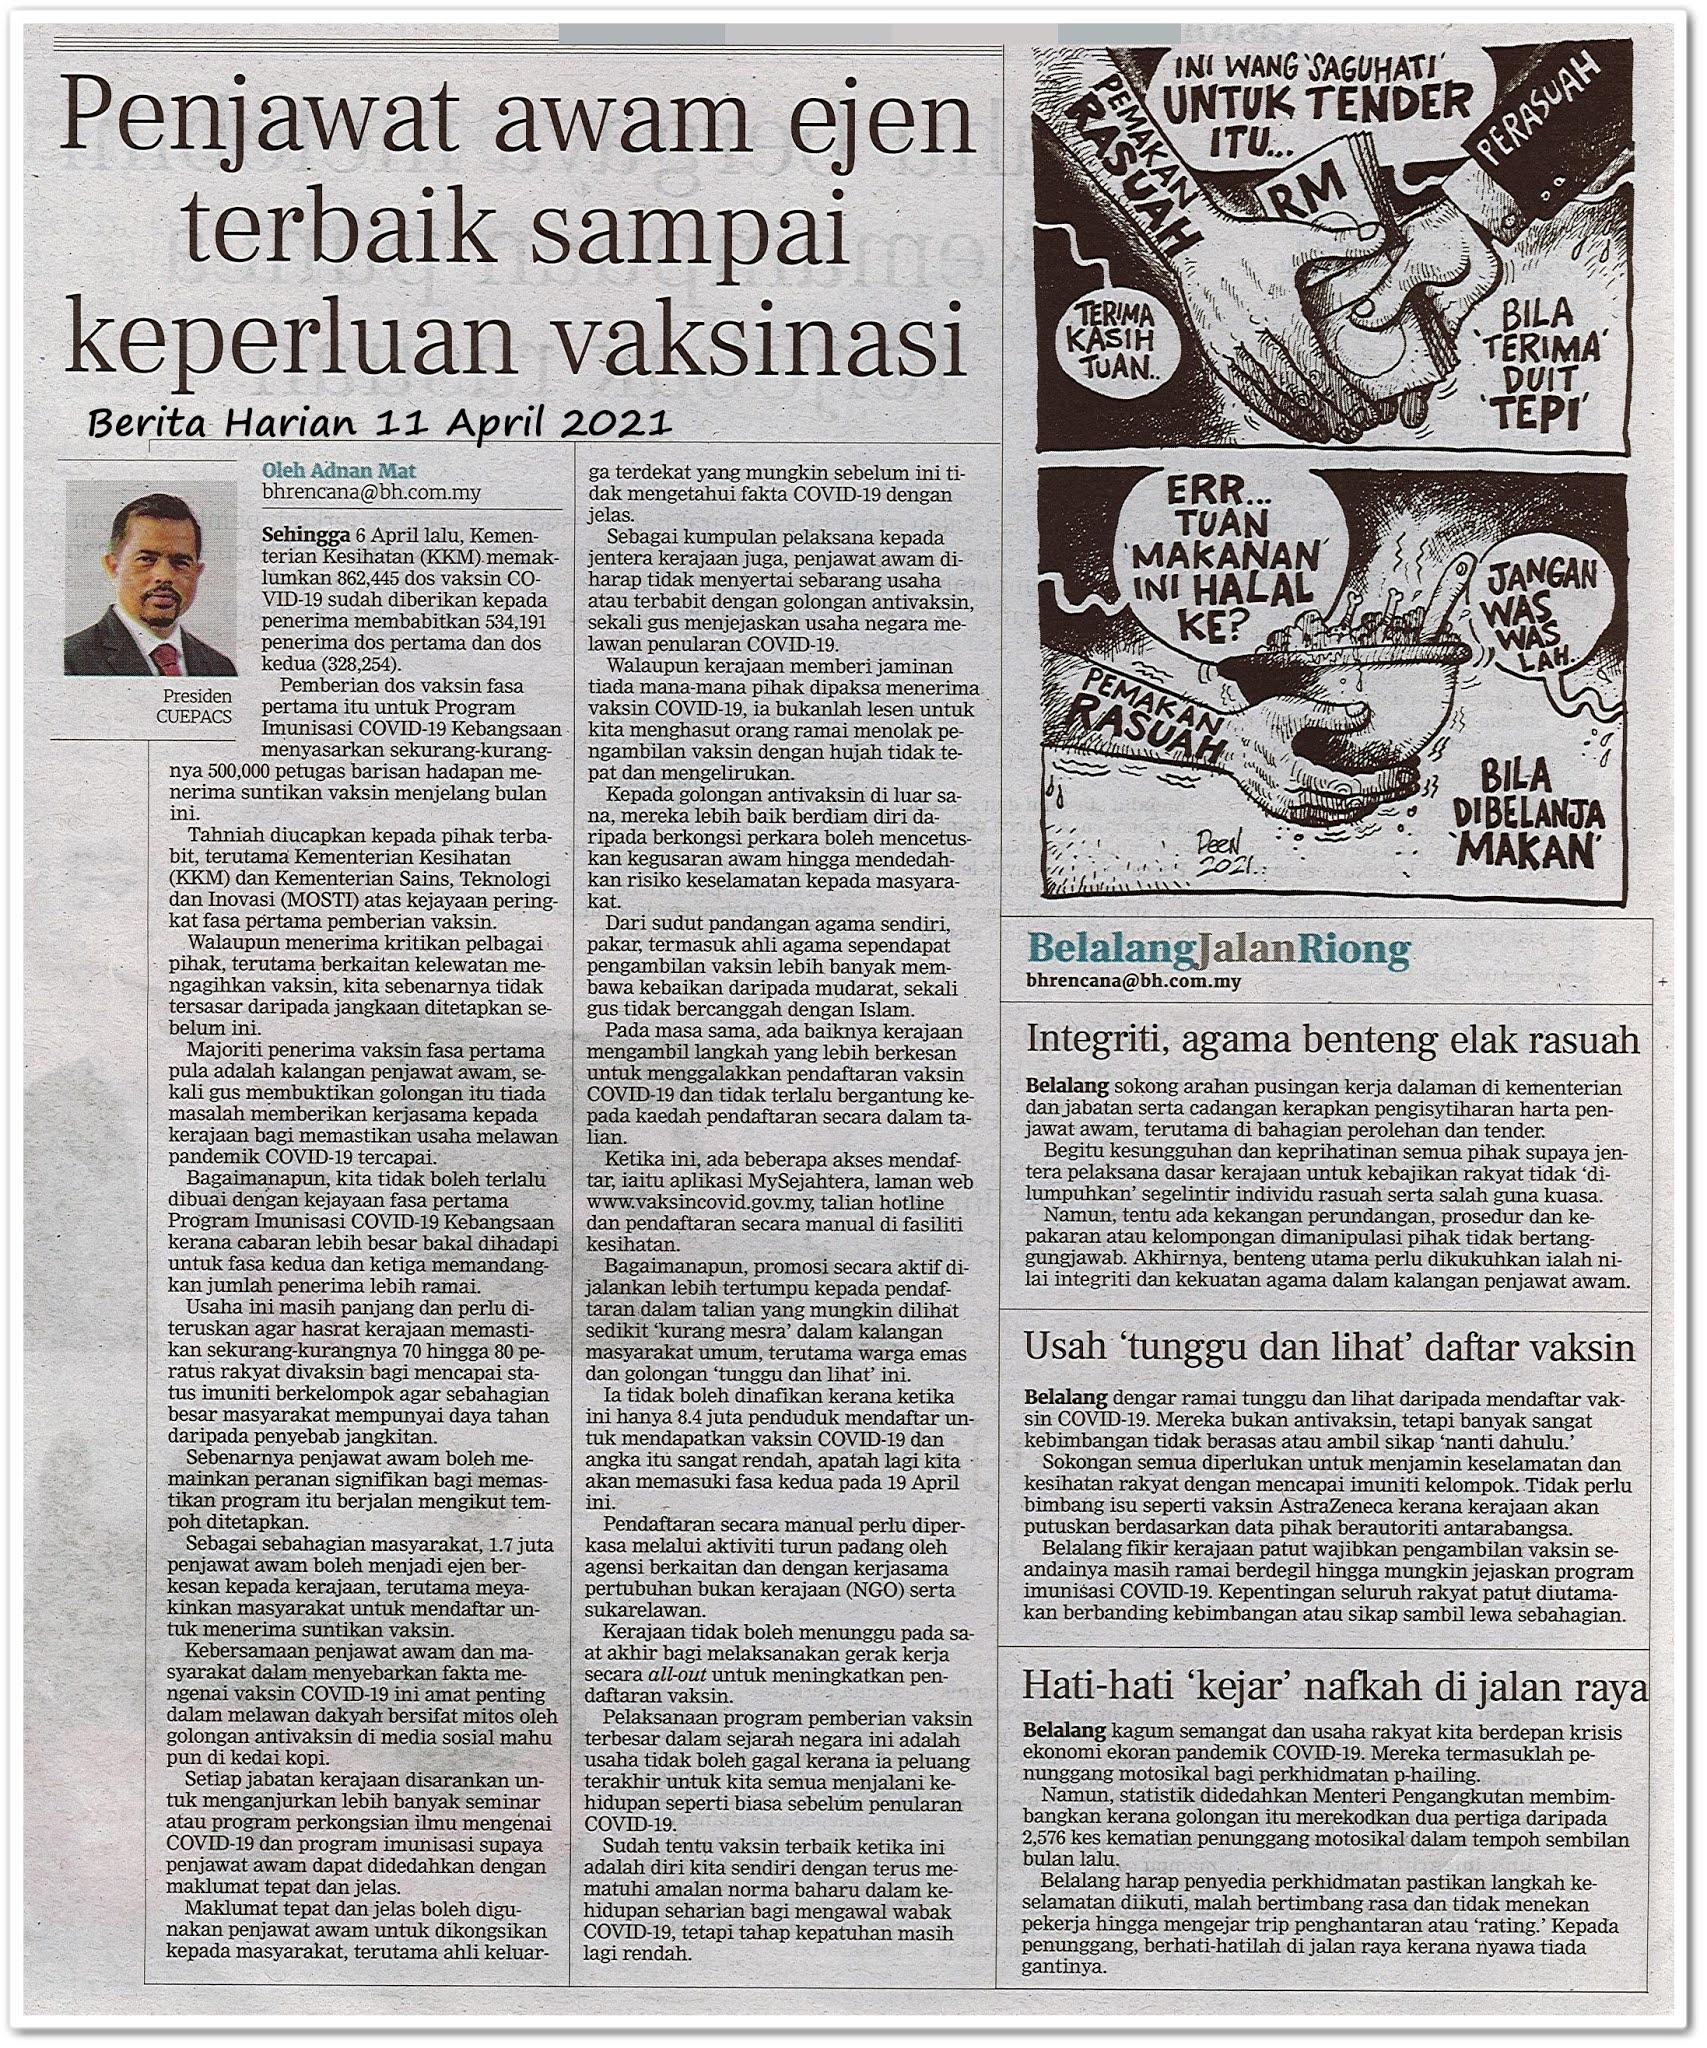 Penjawat awam ejen terbaik sampai keperluan vaksin - Keratan akhbar Berita Harian 11 April 2021